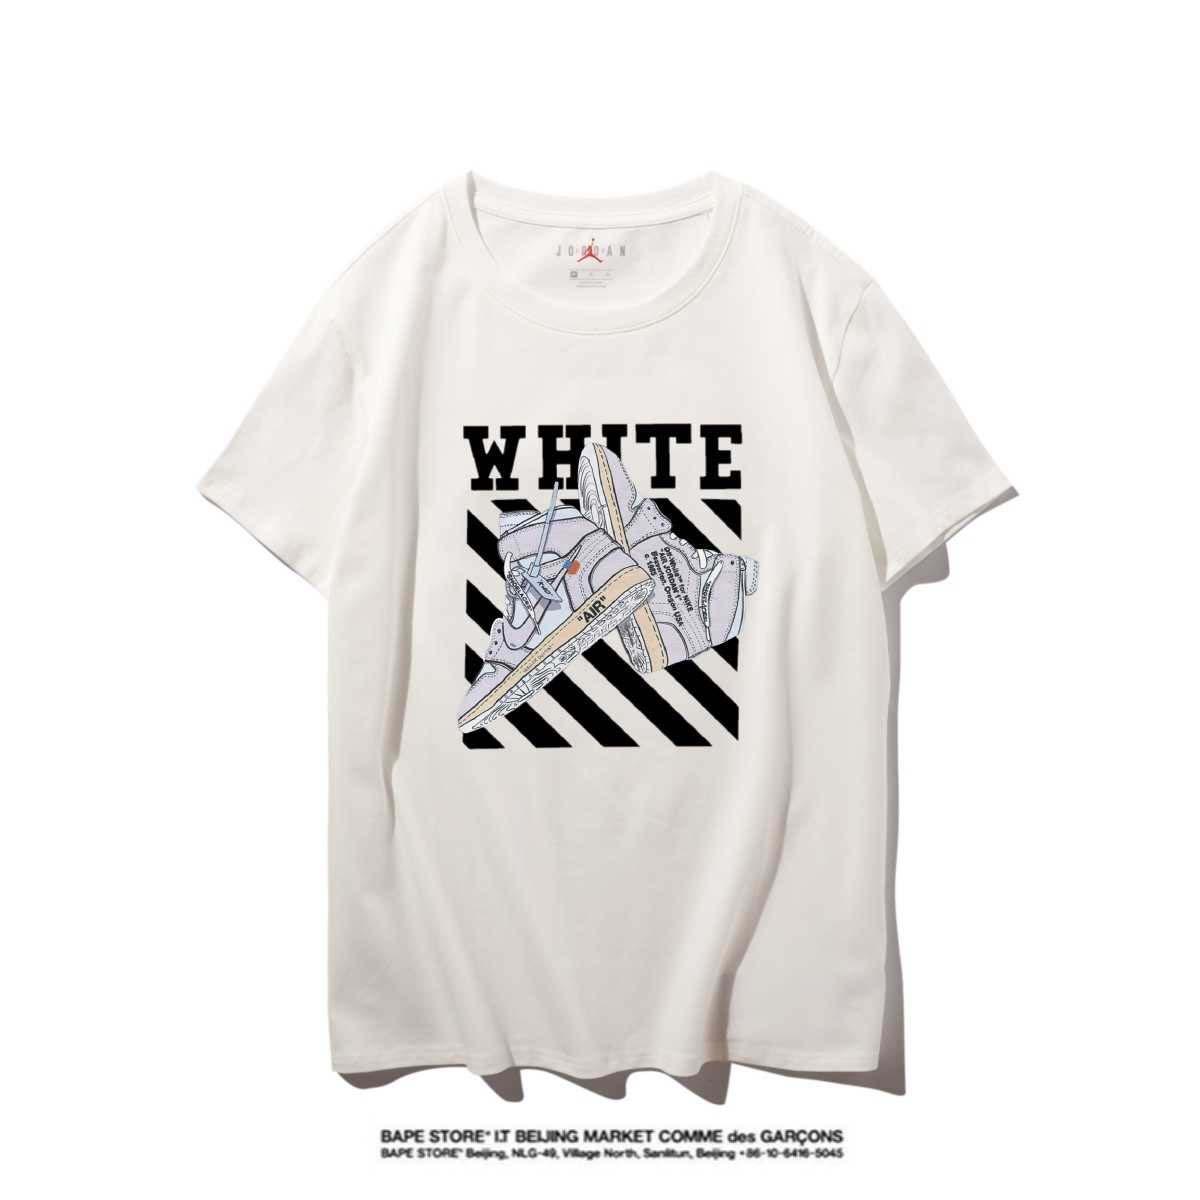 Jordan Hohe Qualität Neuer Brief Printing Short Sleeve Mode Aufmaß Cotton Hip Hop-Männer Frauen Paar Designer-T-Shirt S-XXL # 47821